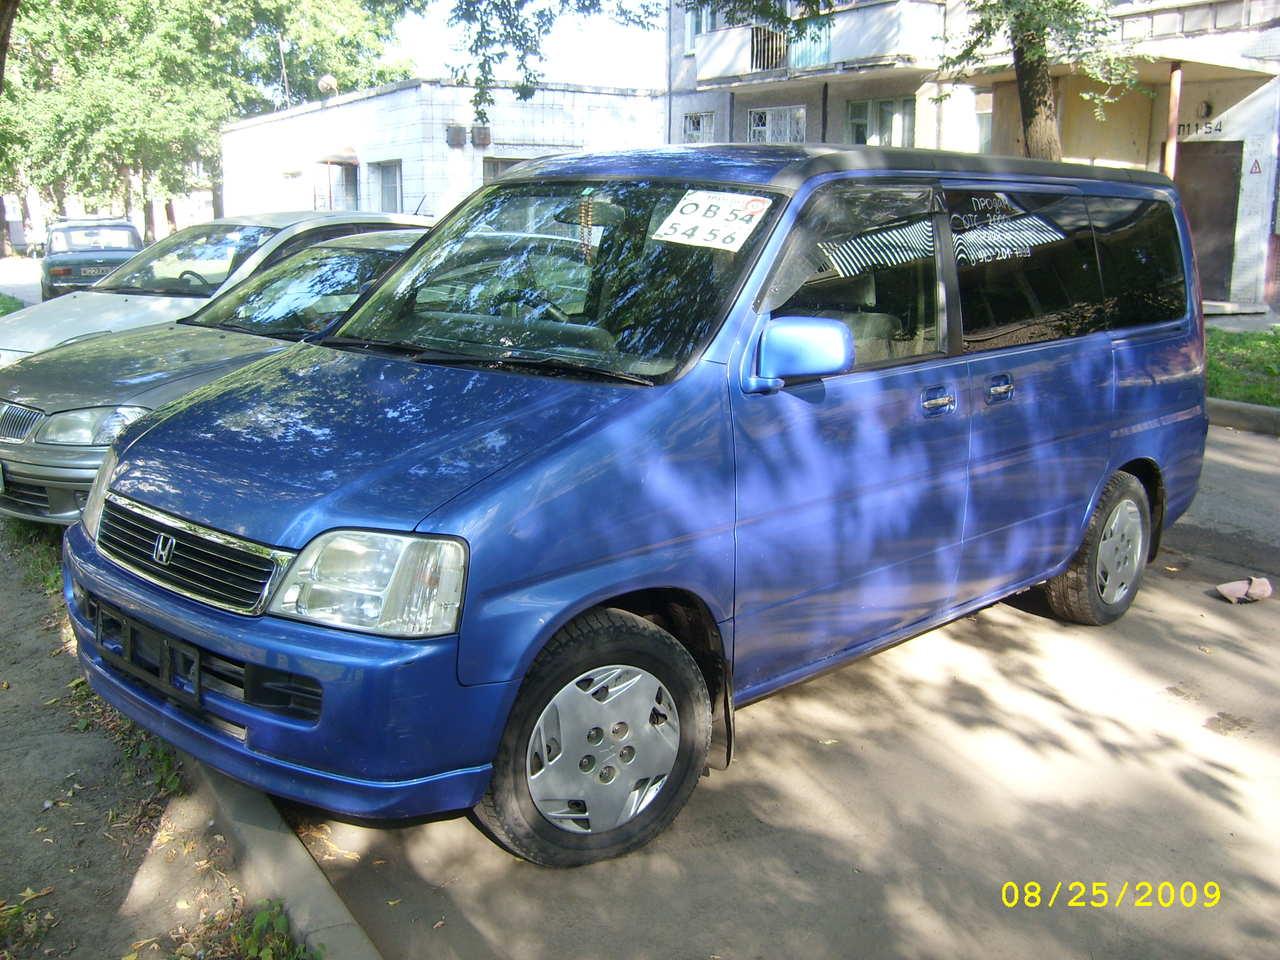 Used 2000 Honda Stepwgn Photos, 2000cc., Gasoline, FF ...